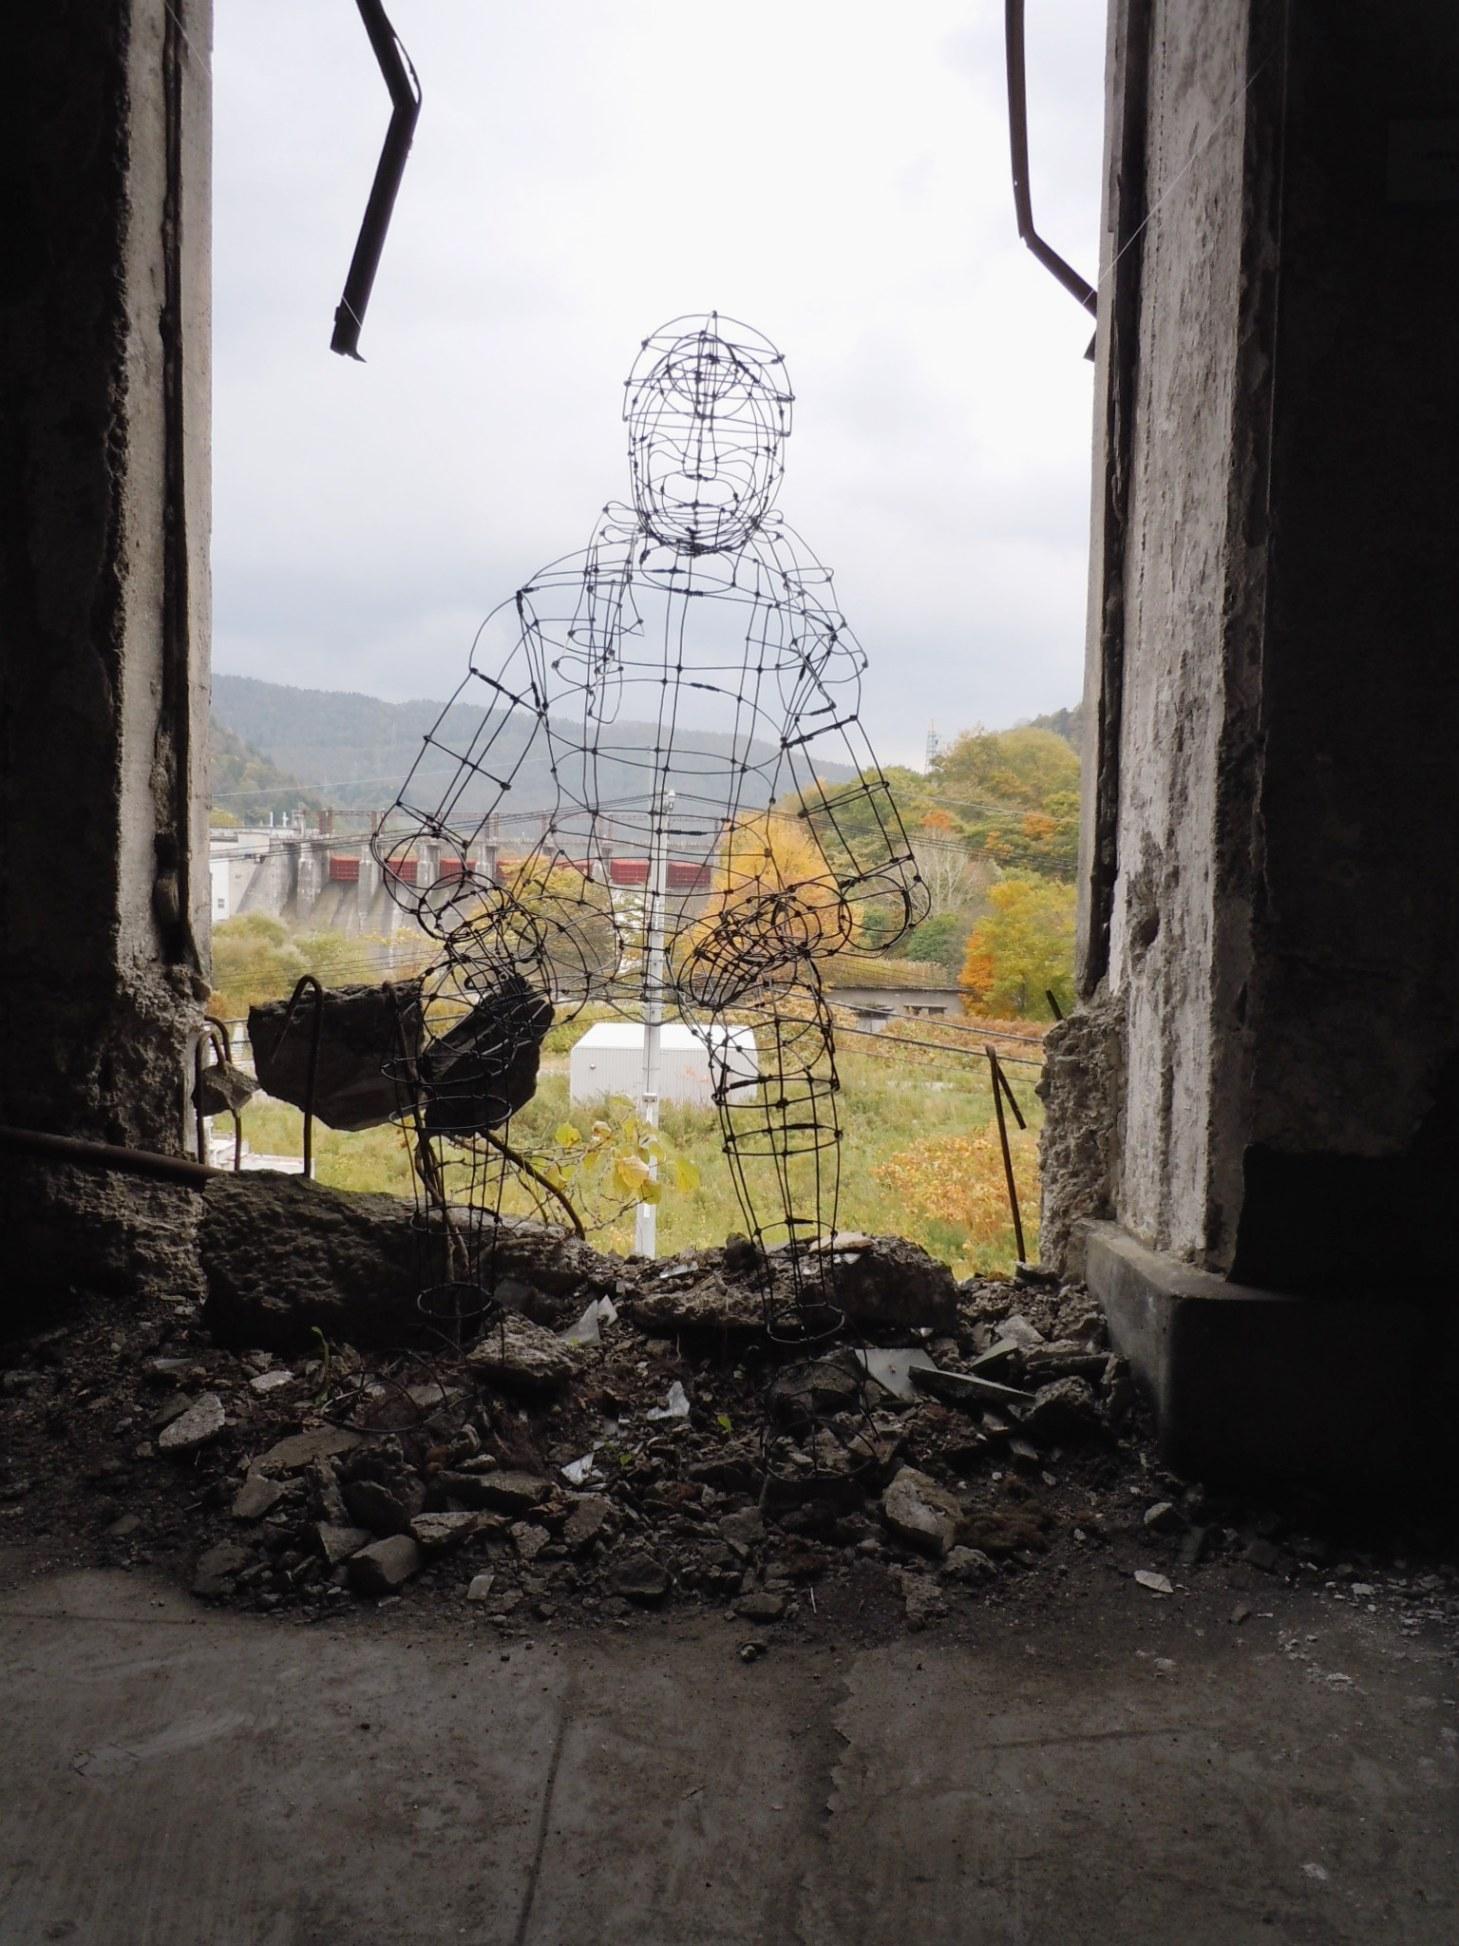 1600)夕張 ③「夕張清水沢アートプロジェクト 旧火力発電所2階の様子」 終了9月17日(土)~10月16日(日)_f0126829_9513048.jpg